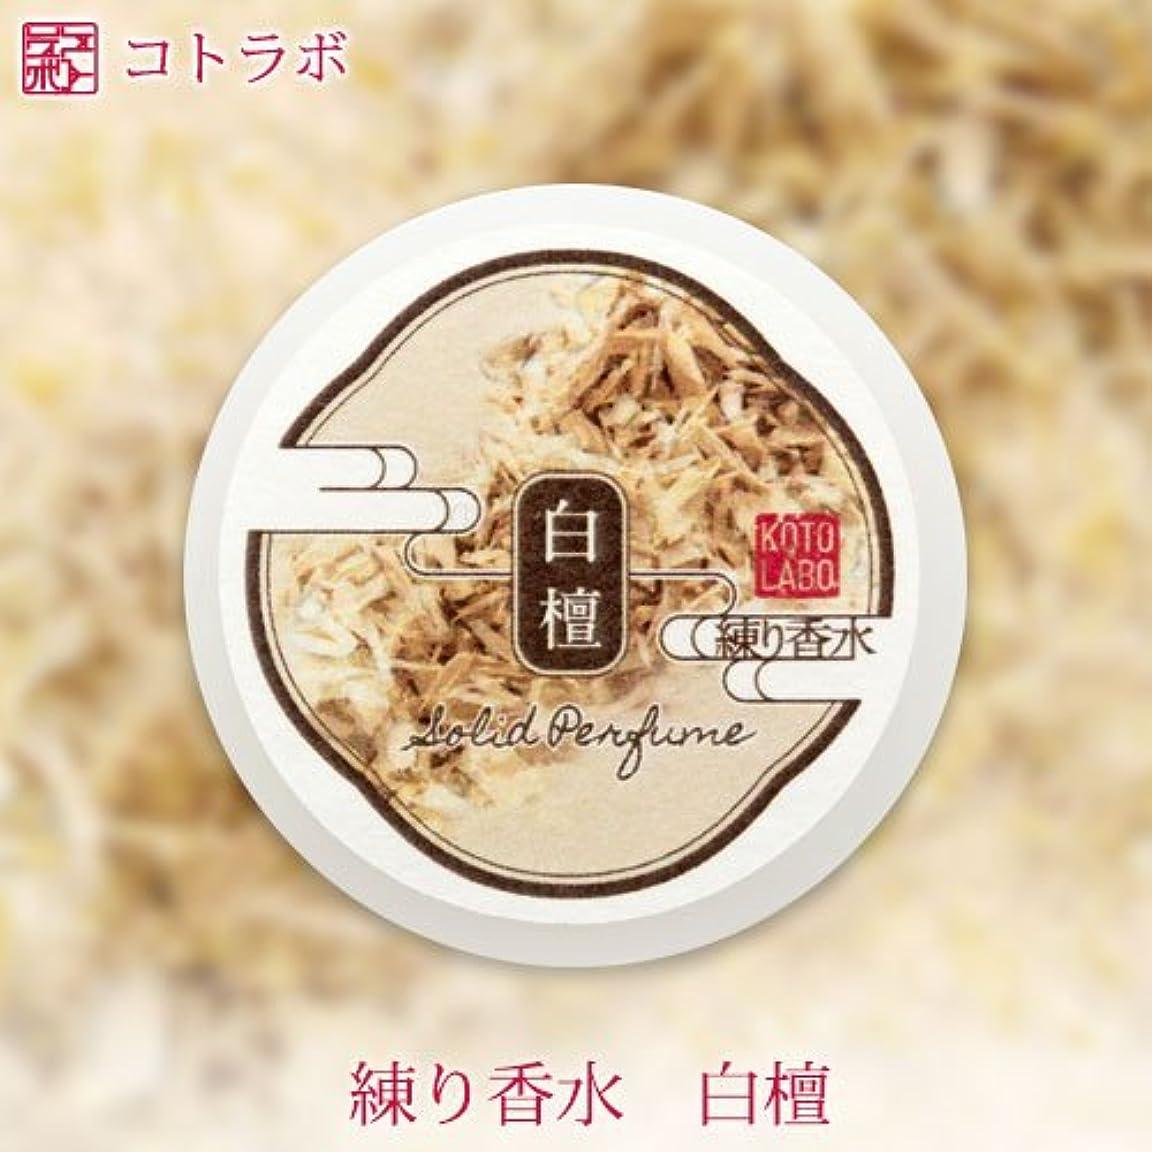 金箔透明練り香水 白檀の香り ソリッドパフューム Kotolabo solid perfume, Sandalwood